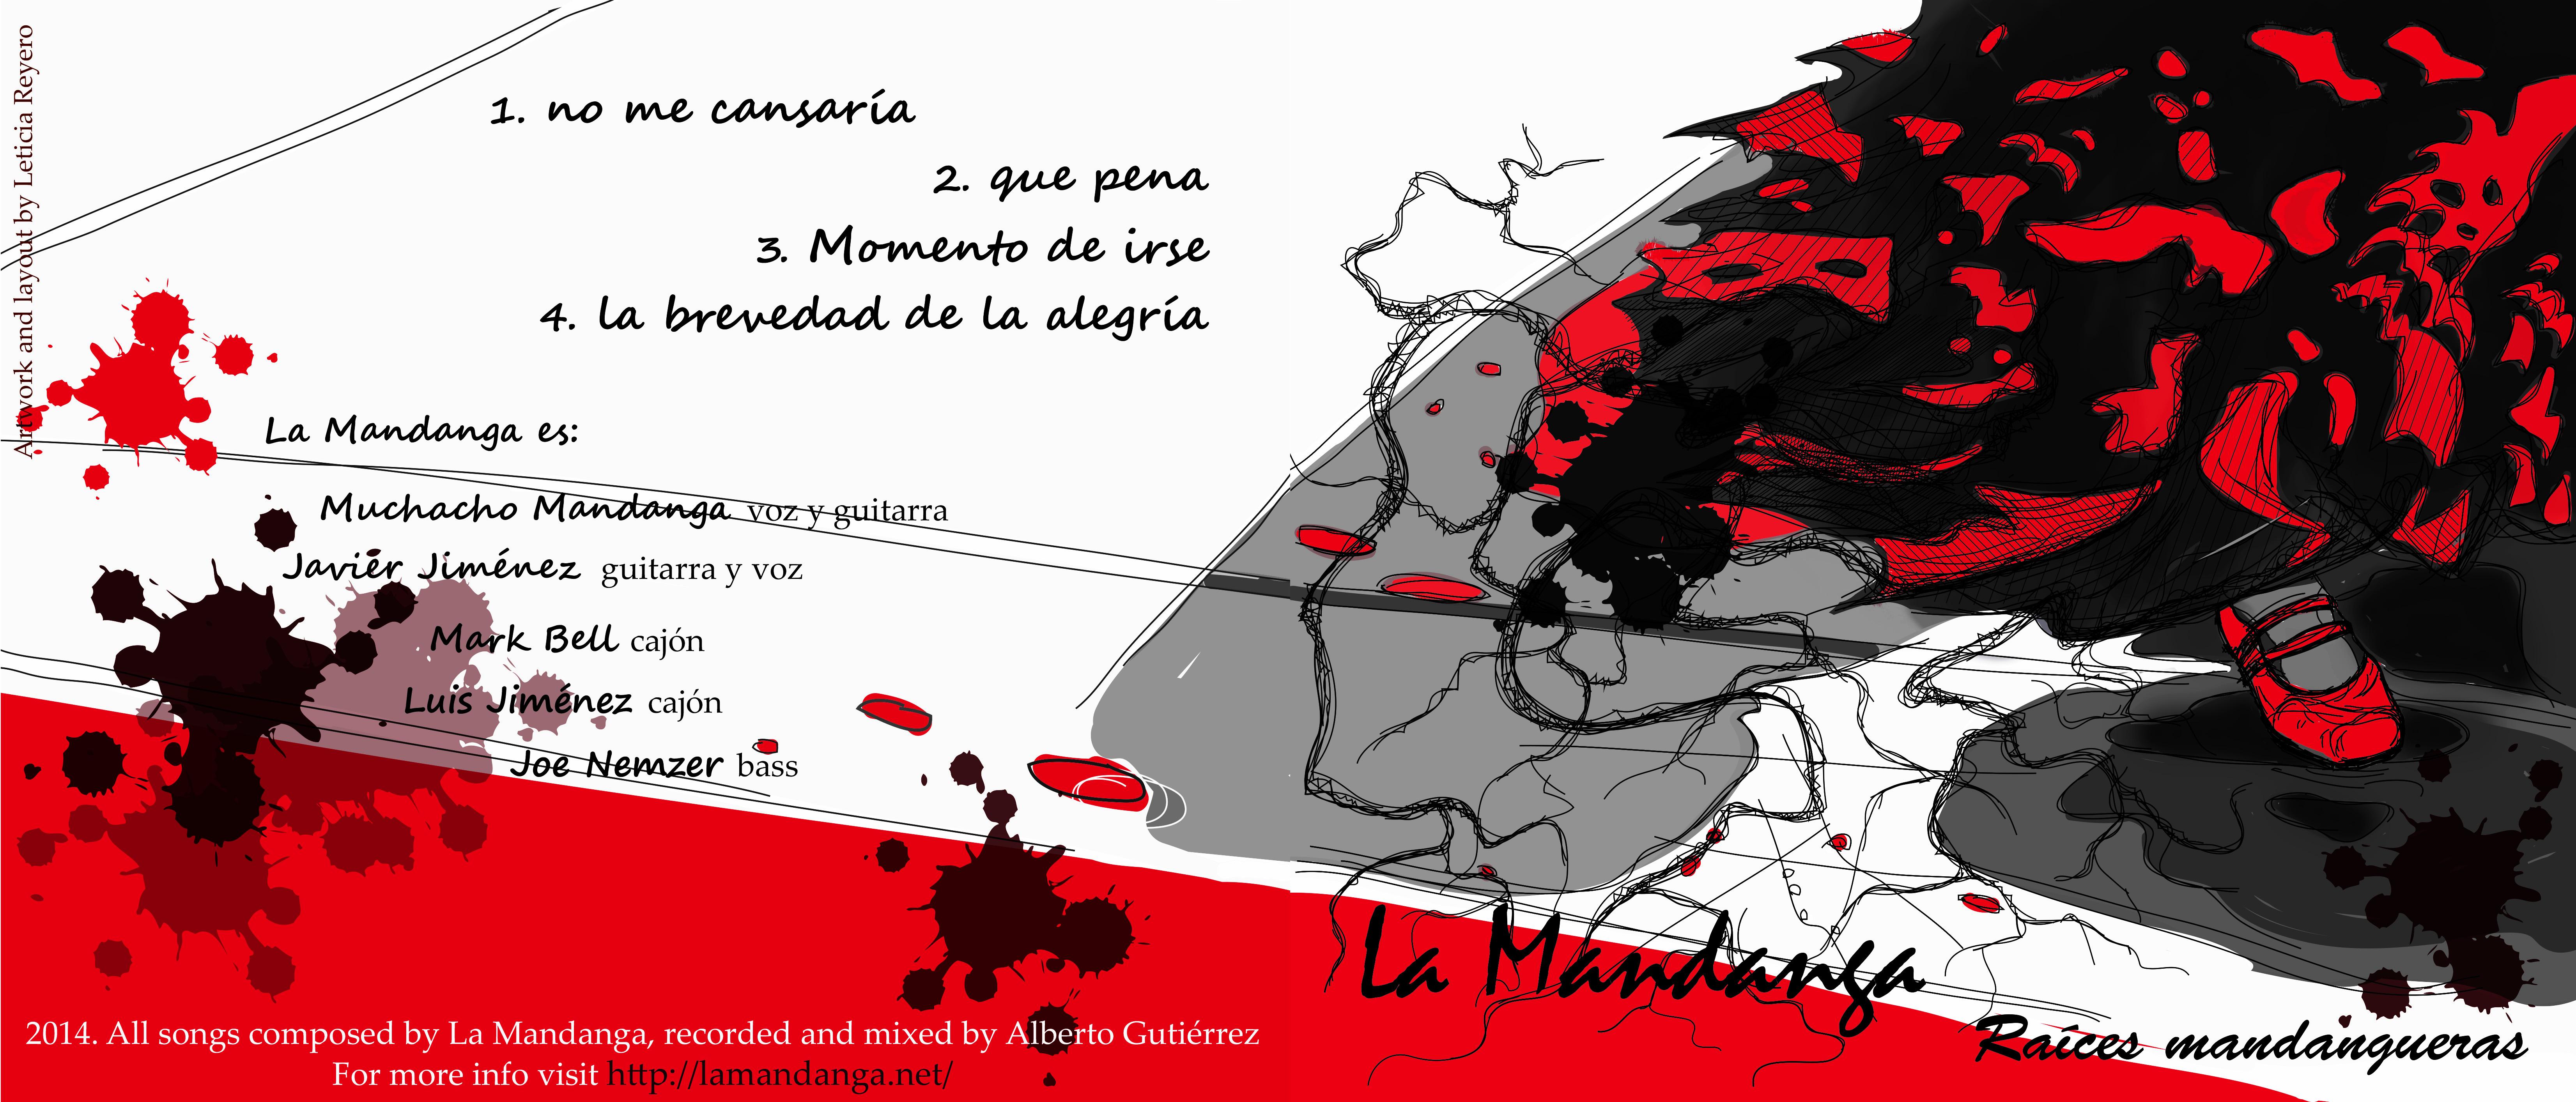 CD La Mandanga